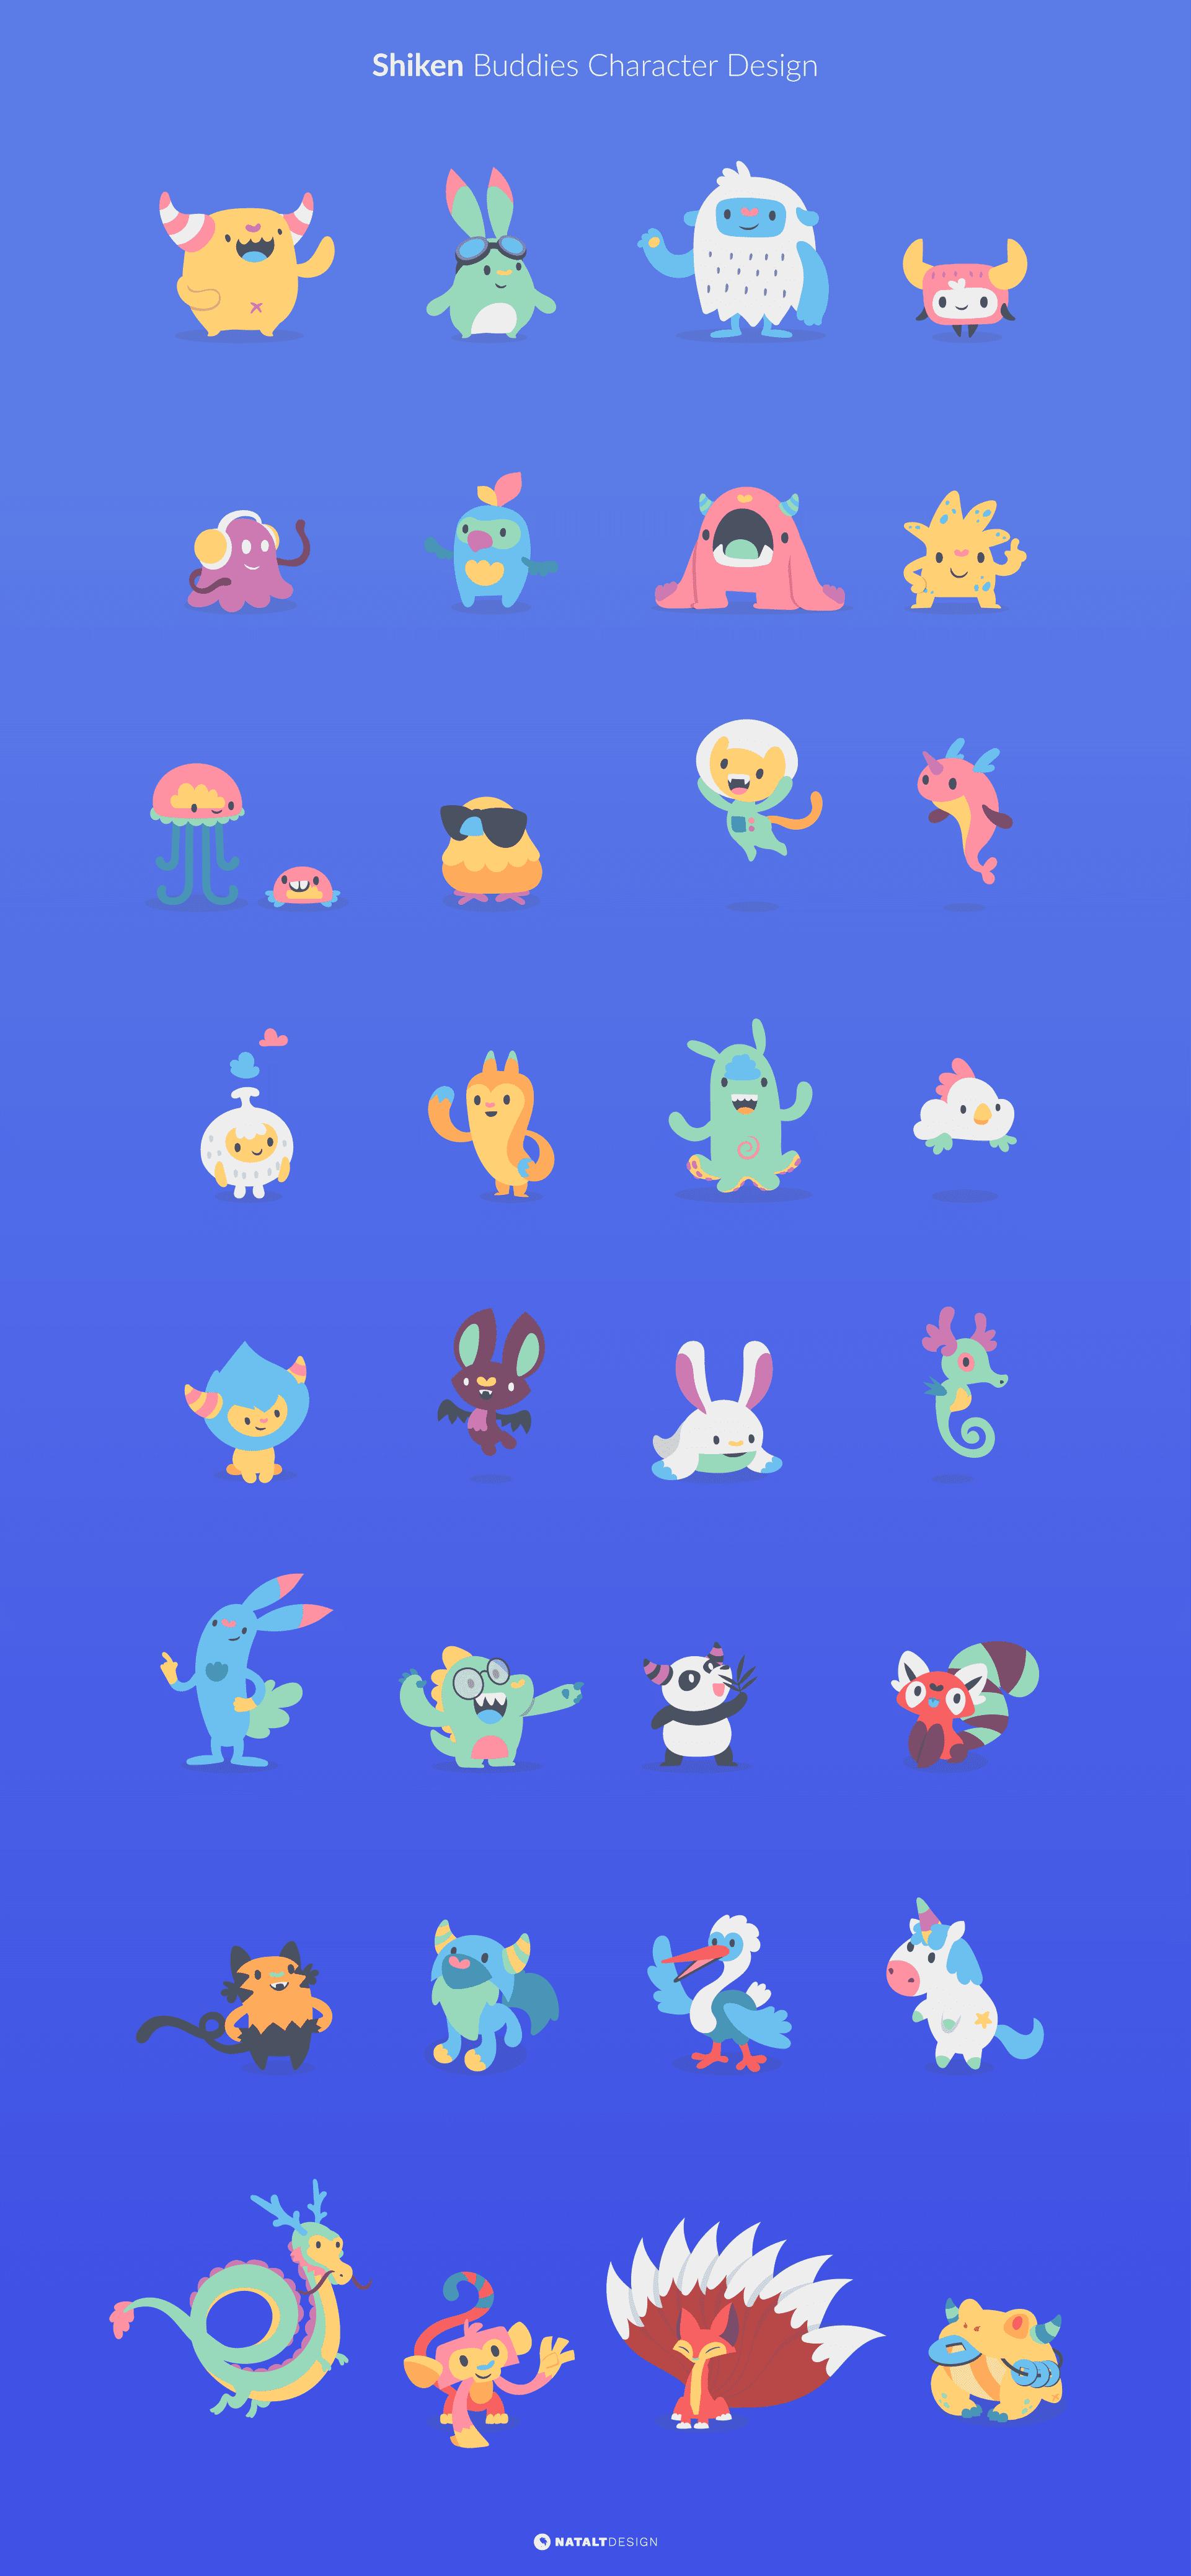 Shiken buddies character design